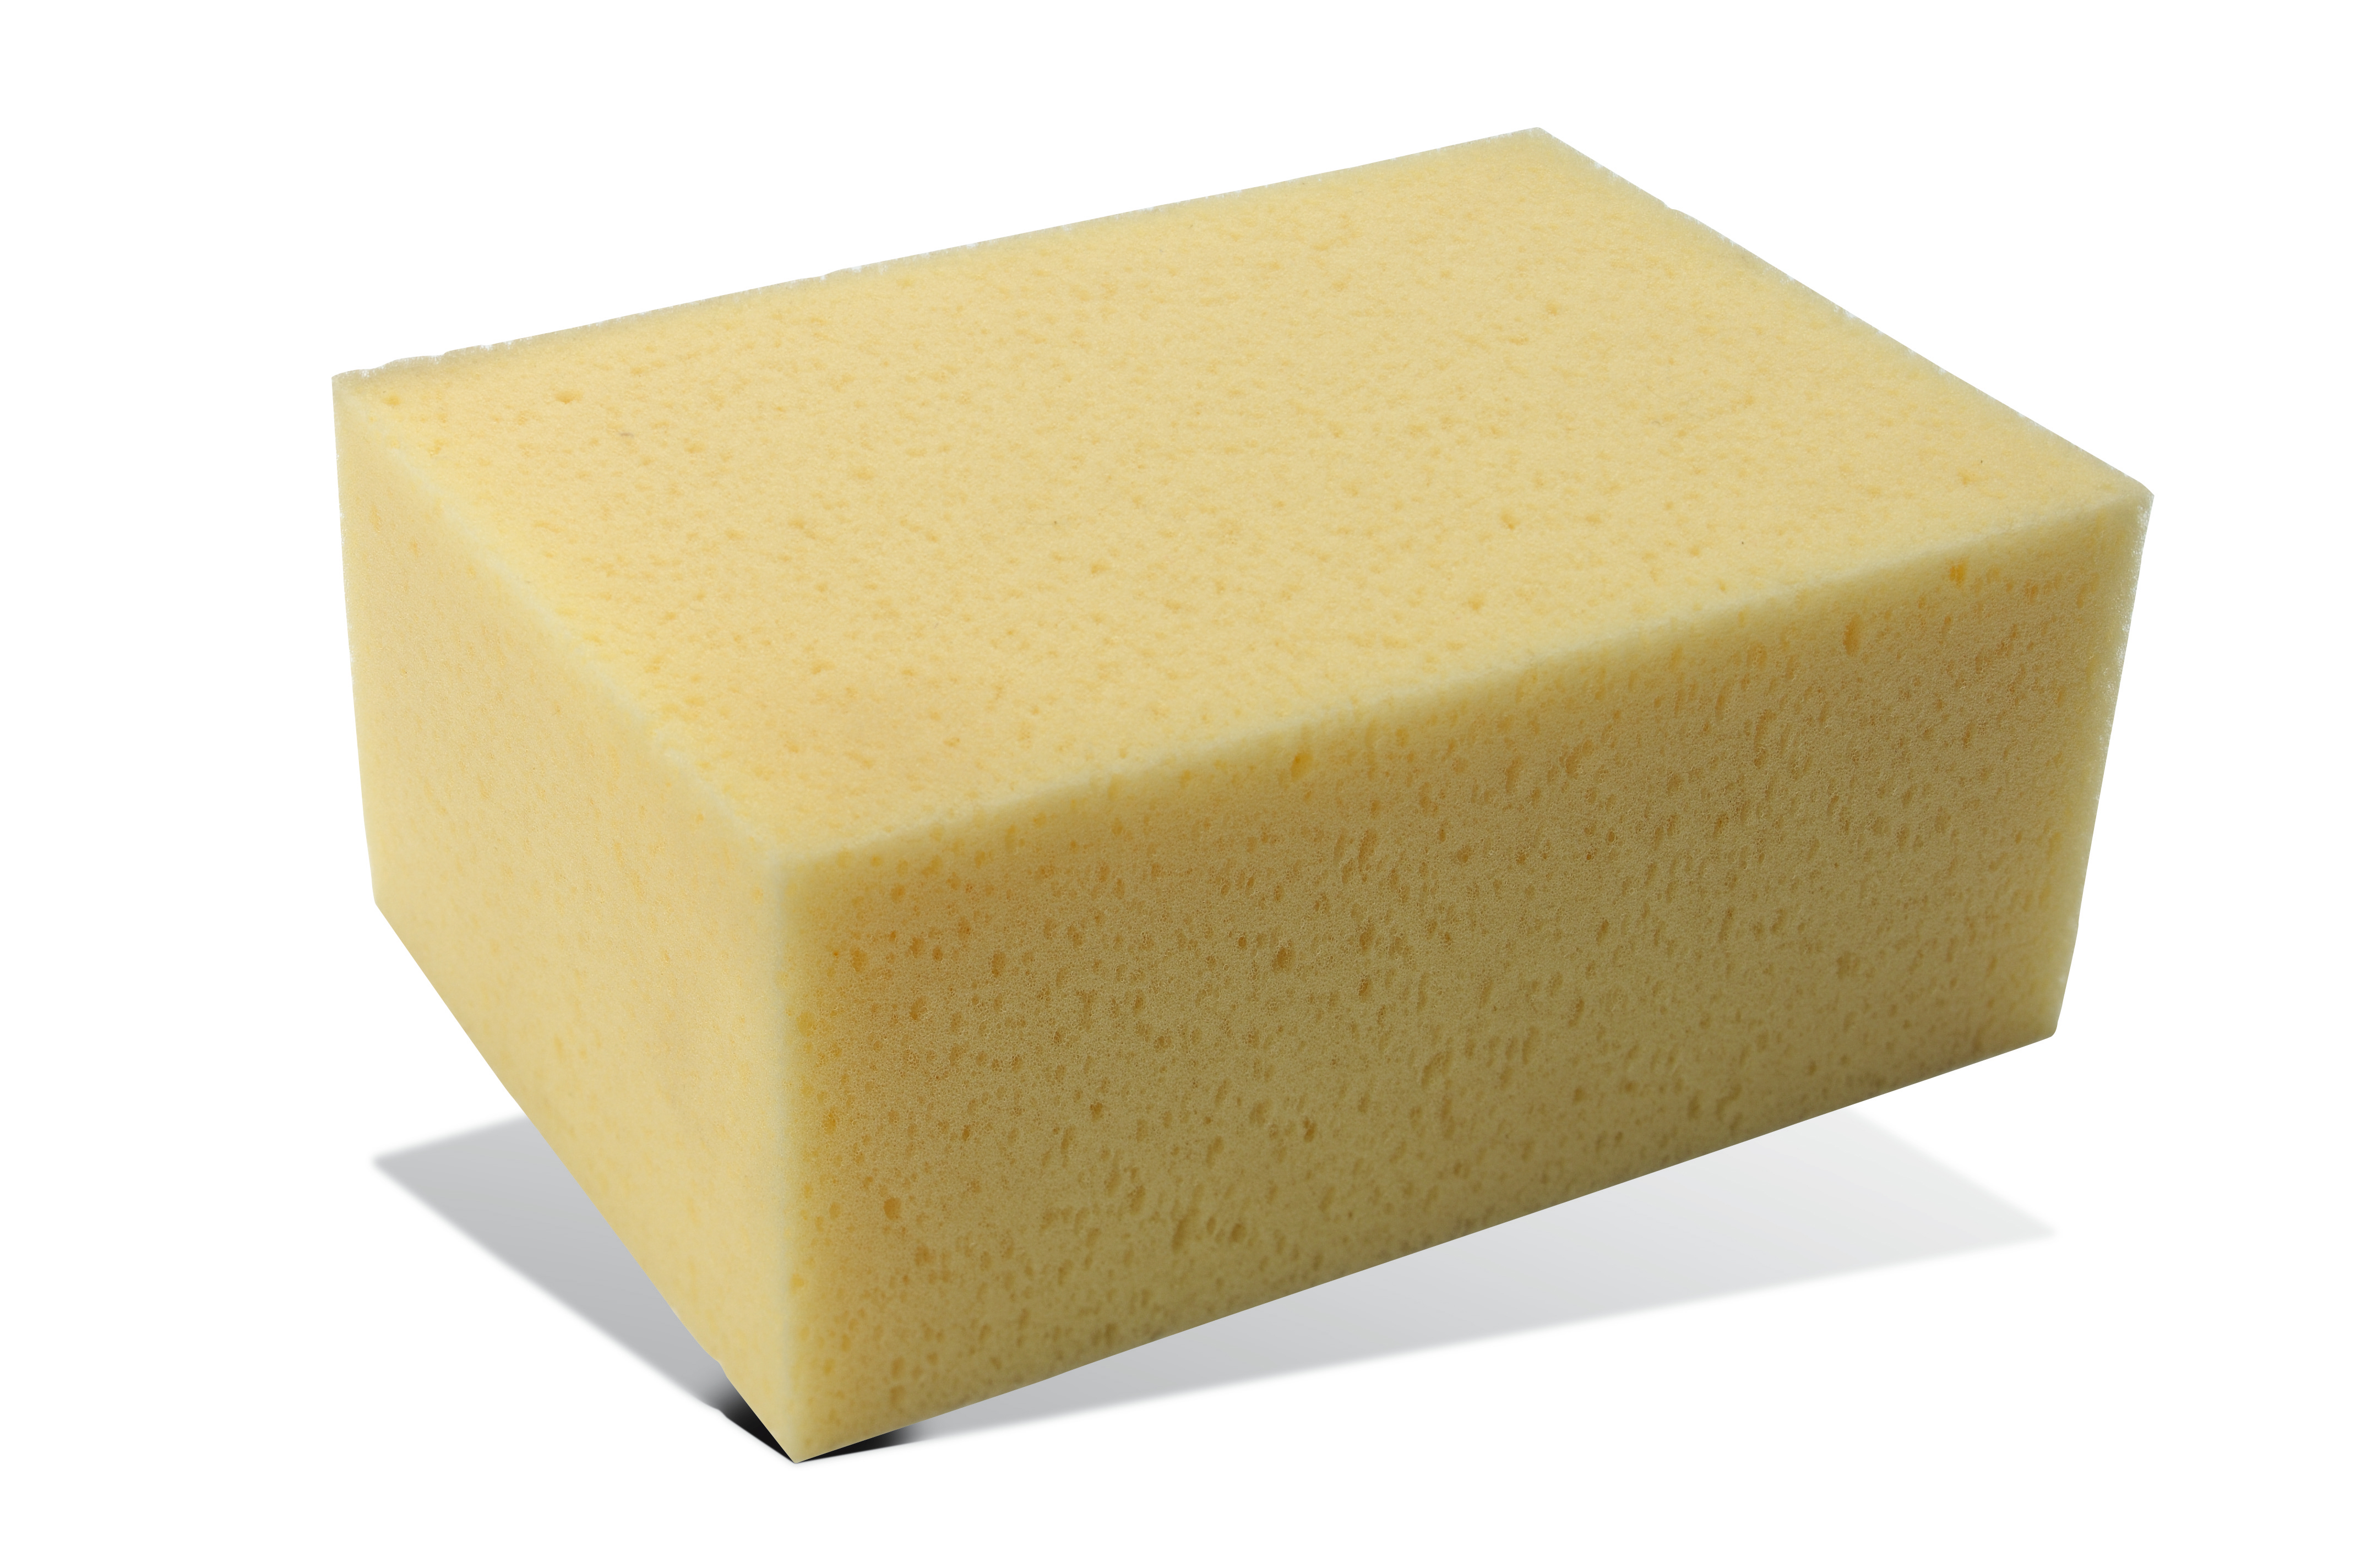 Tile grout sponges Pajarito